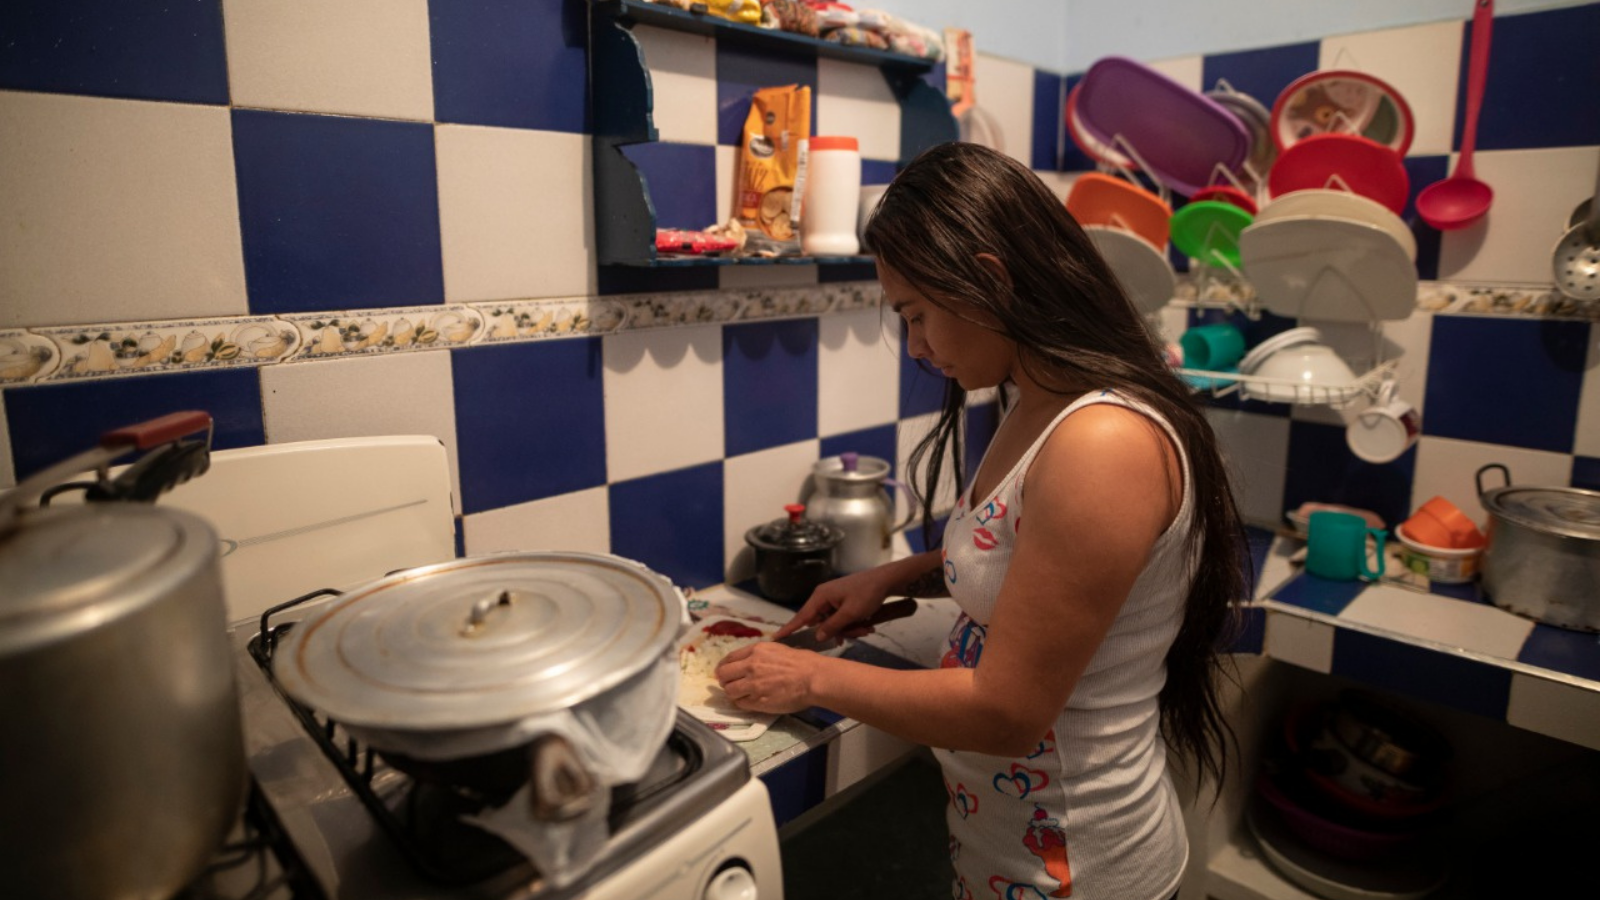 LIVE| ¿Cómo mejorar las condiciones de vida de los hogares migrantes en el país?